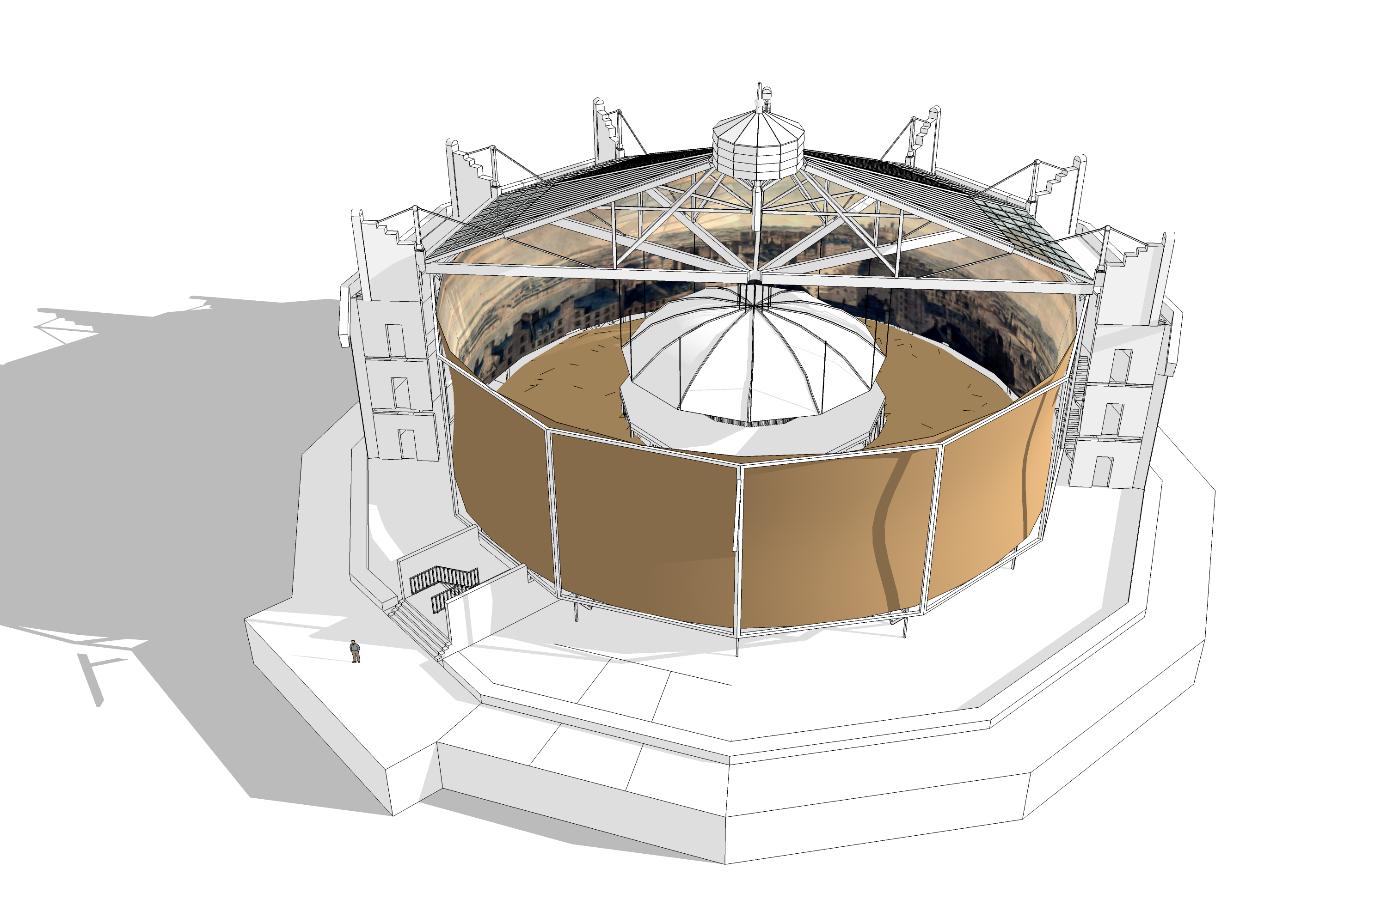 Coupe de la rotonde, toile et structure - ill.Lescop - 2016